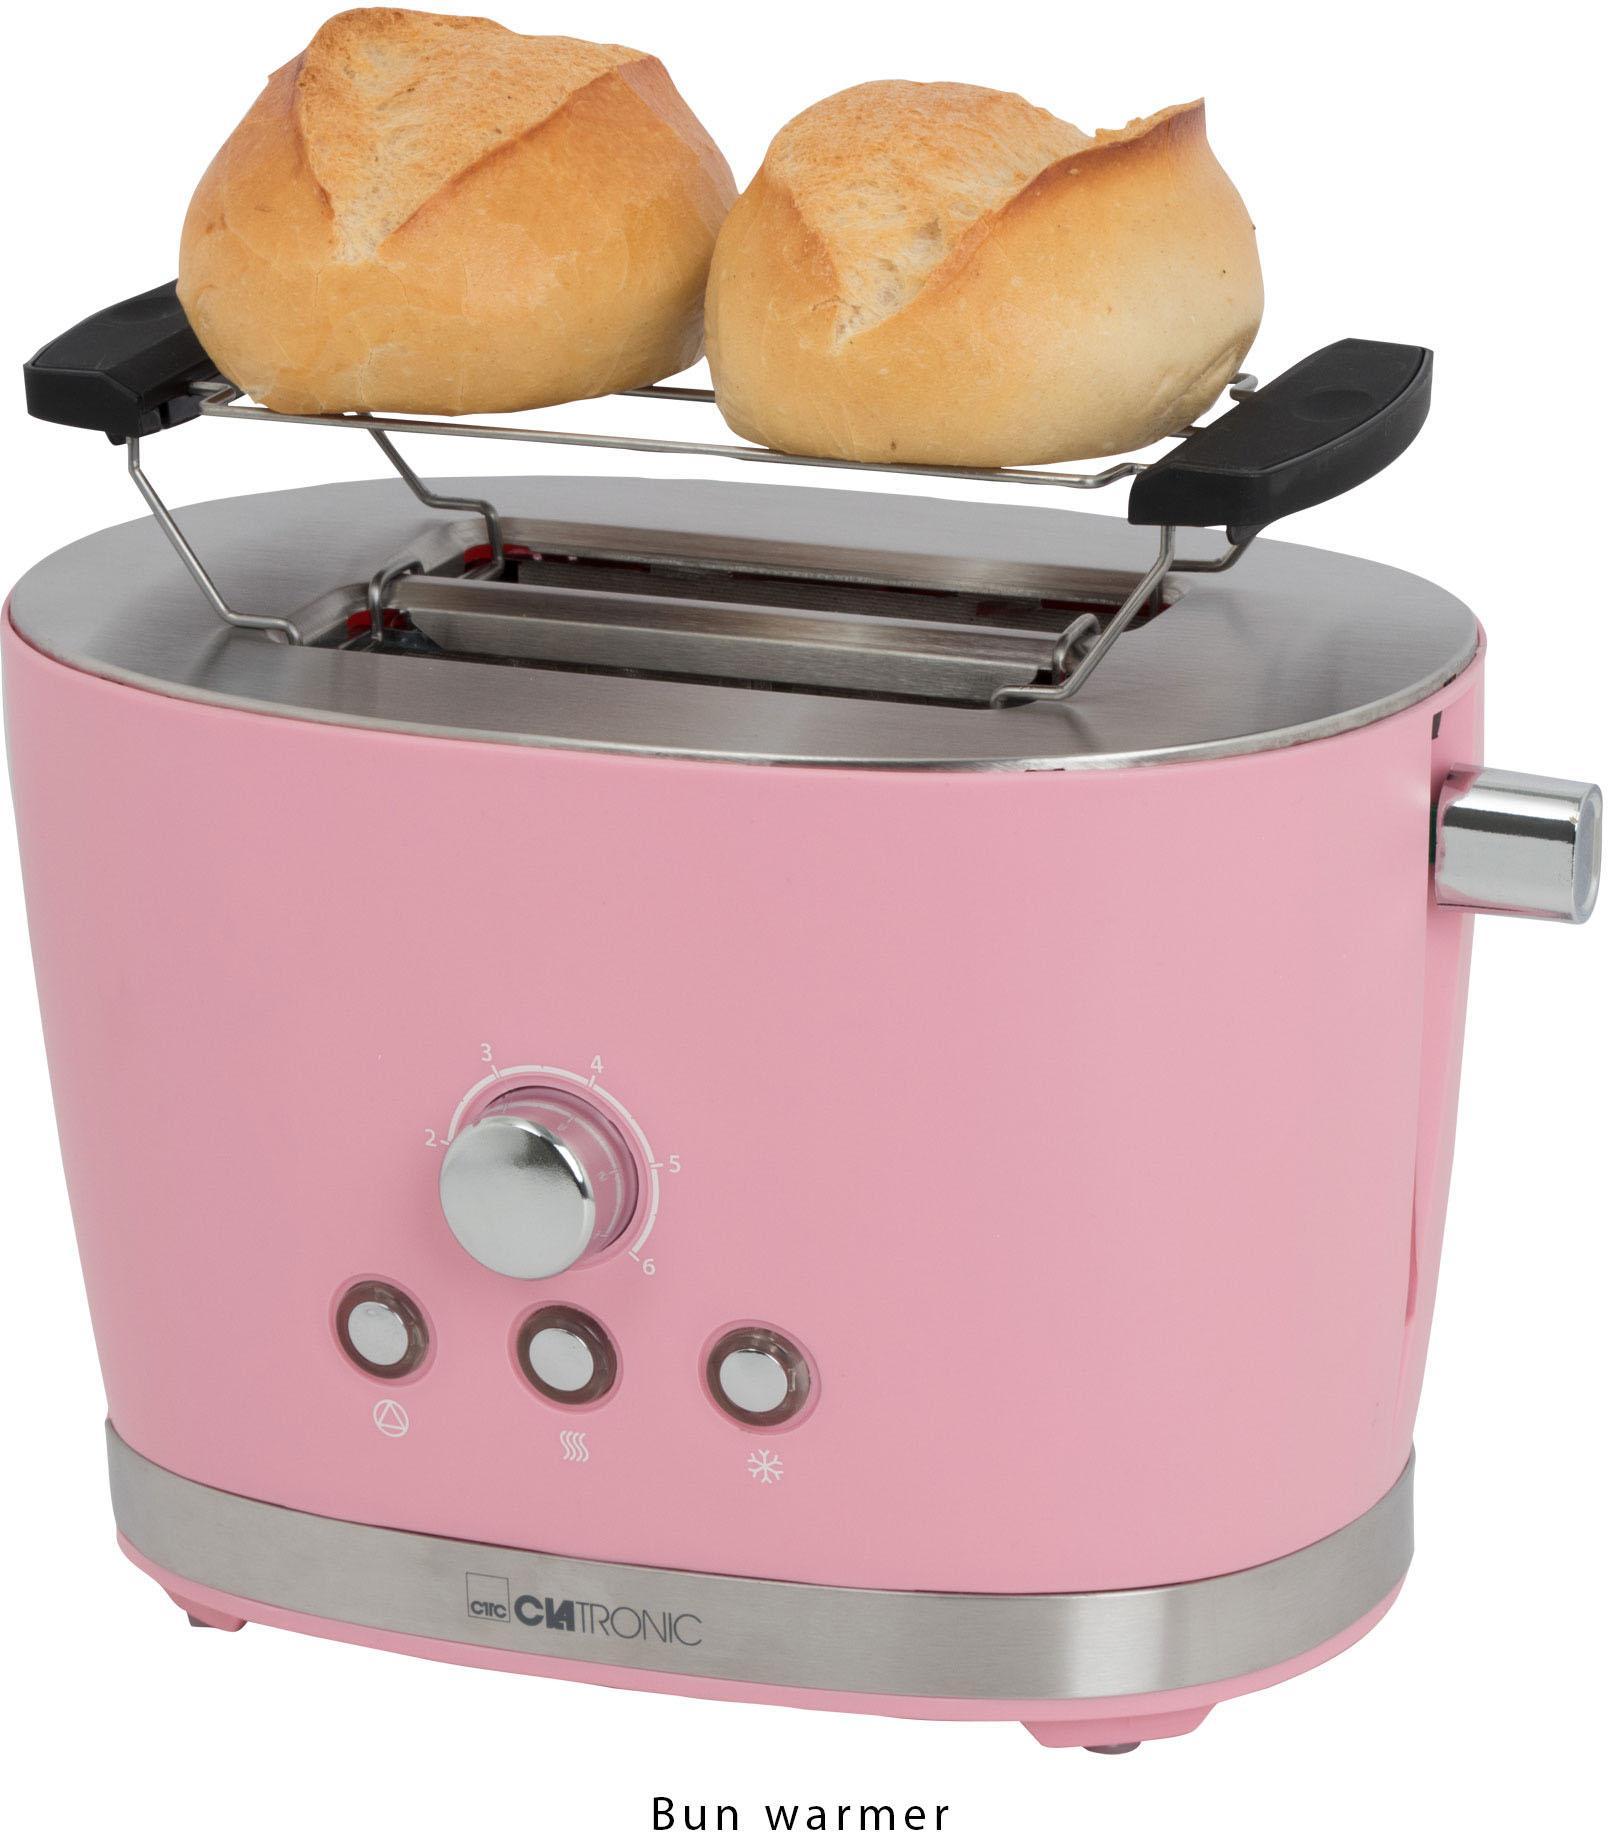 CLATRONIC Toaster Clatronic TA 3690 pink für 2 Scheiben 850 Watt | Küche und Esszimmer > Küchengeräte > Toaster | Rosa | Clatronic